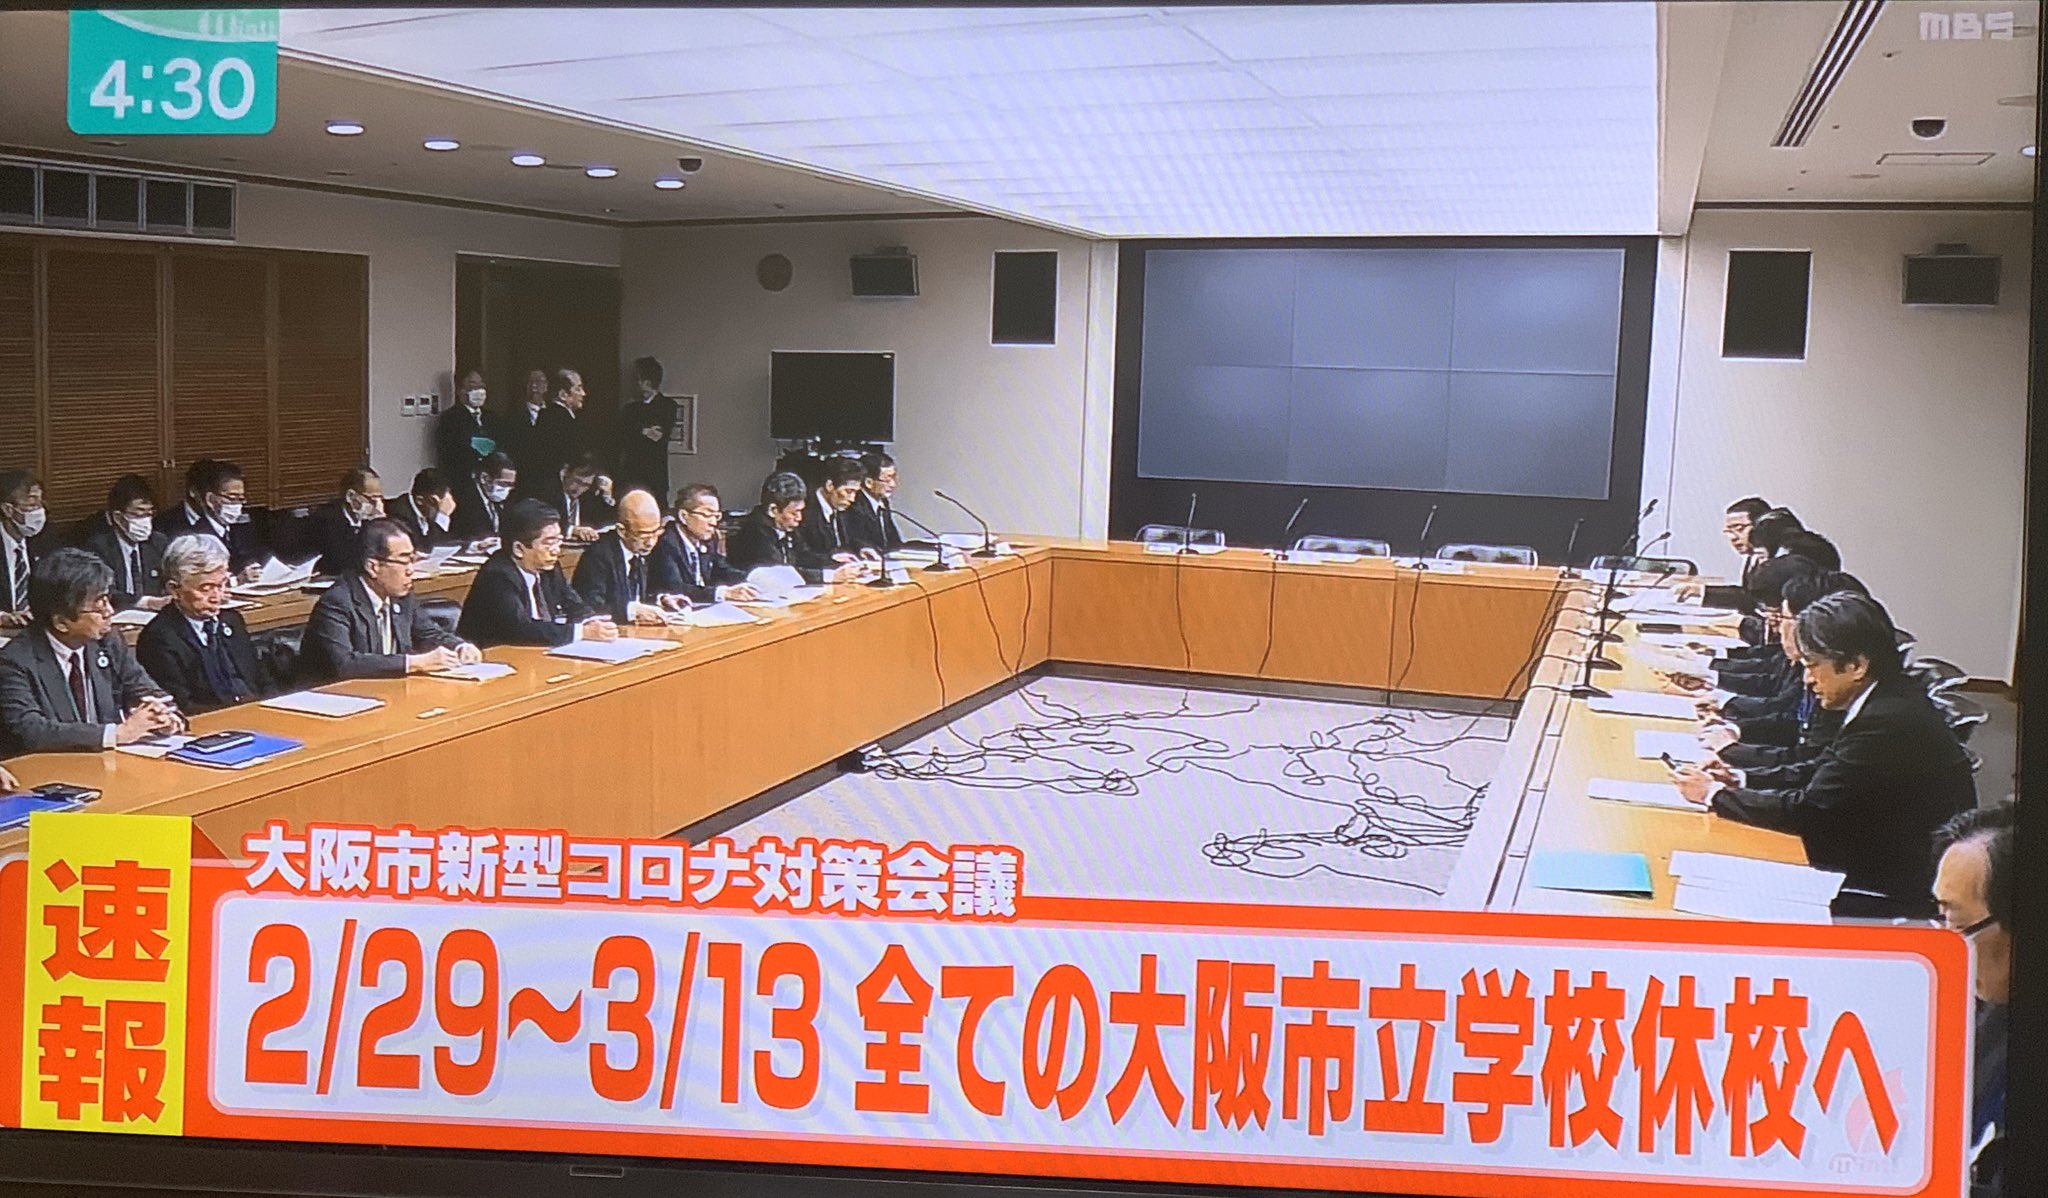 画像,大阪市も全校休校やって(><) https://t.co/ZP0ti5LX7m。